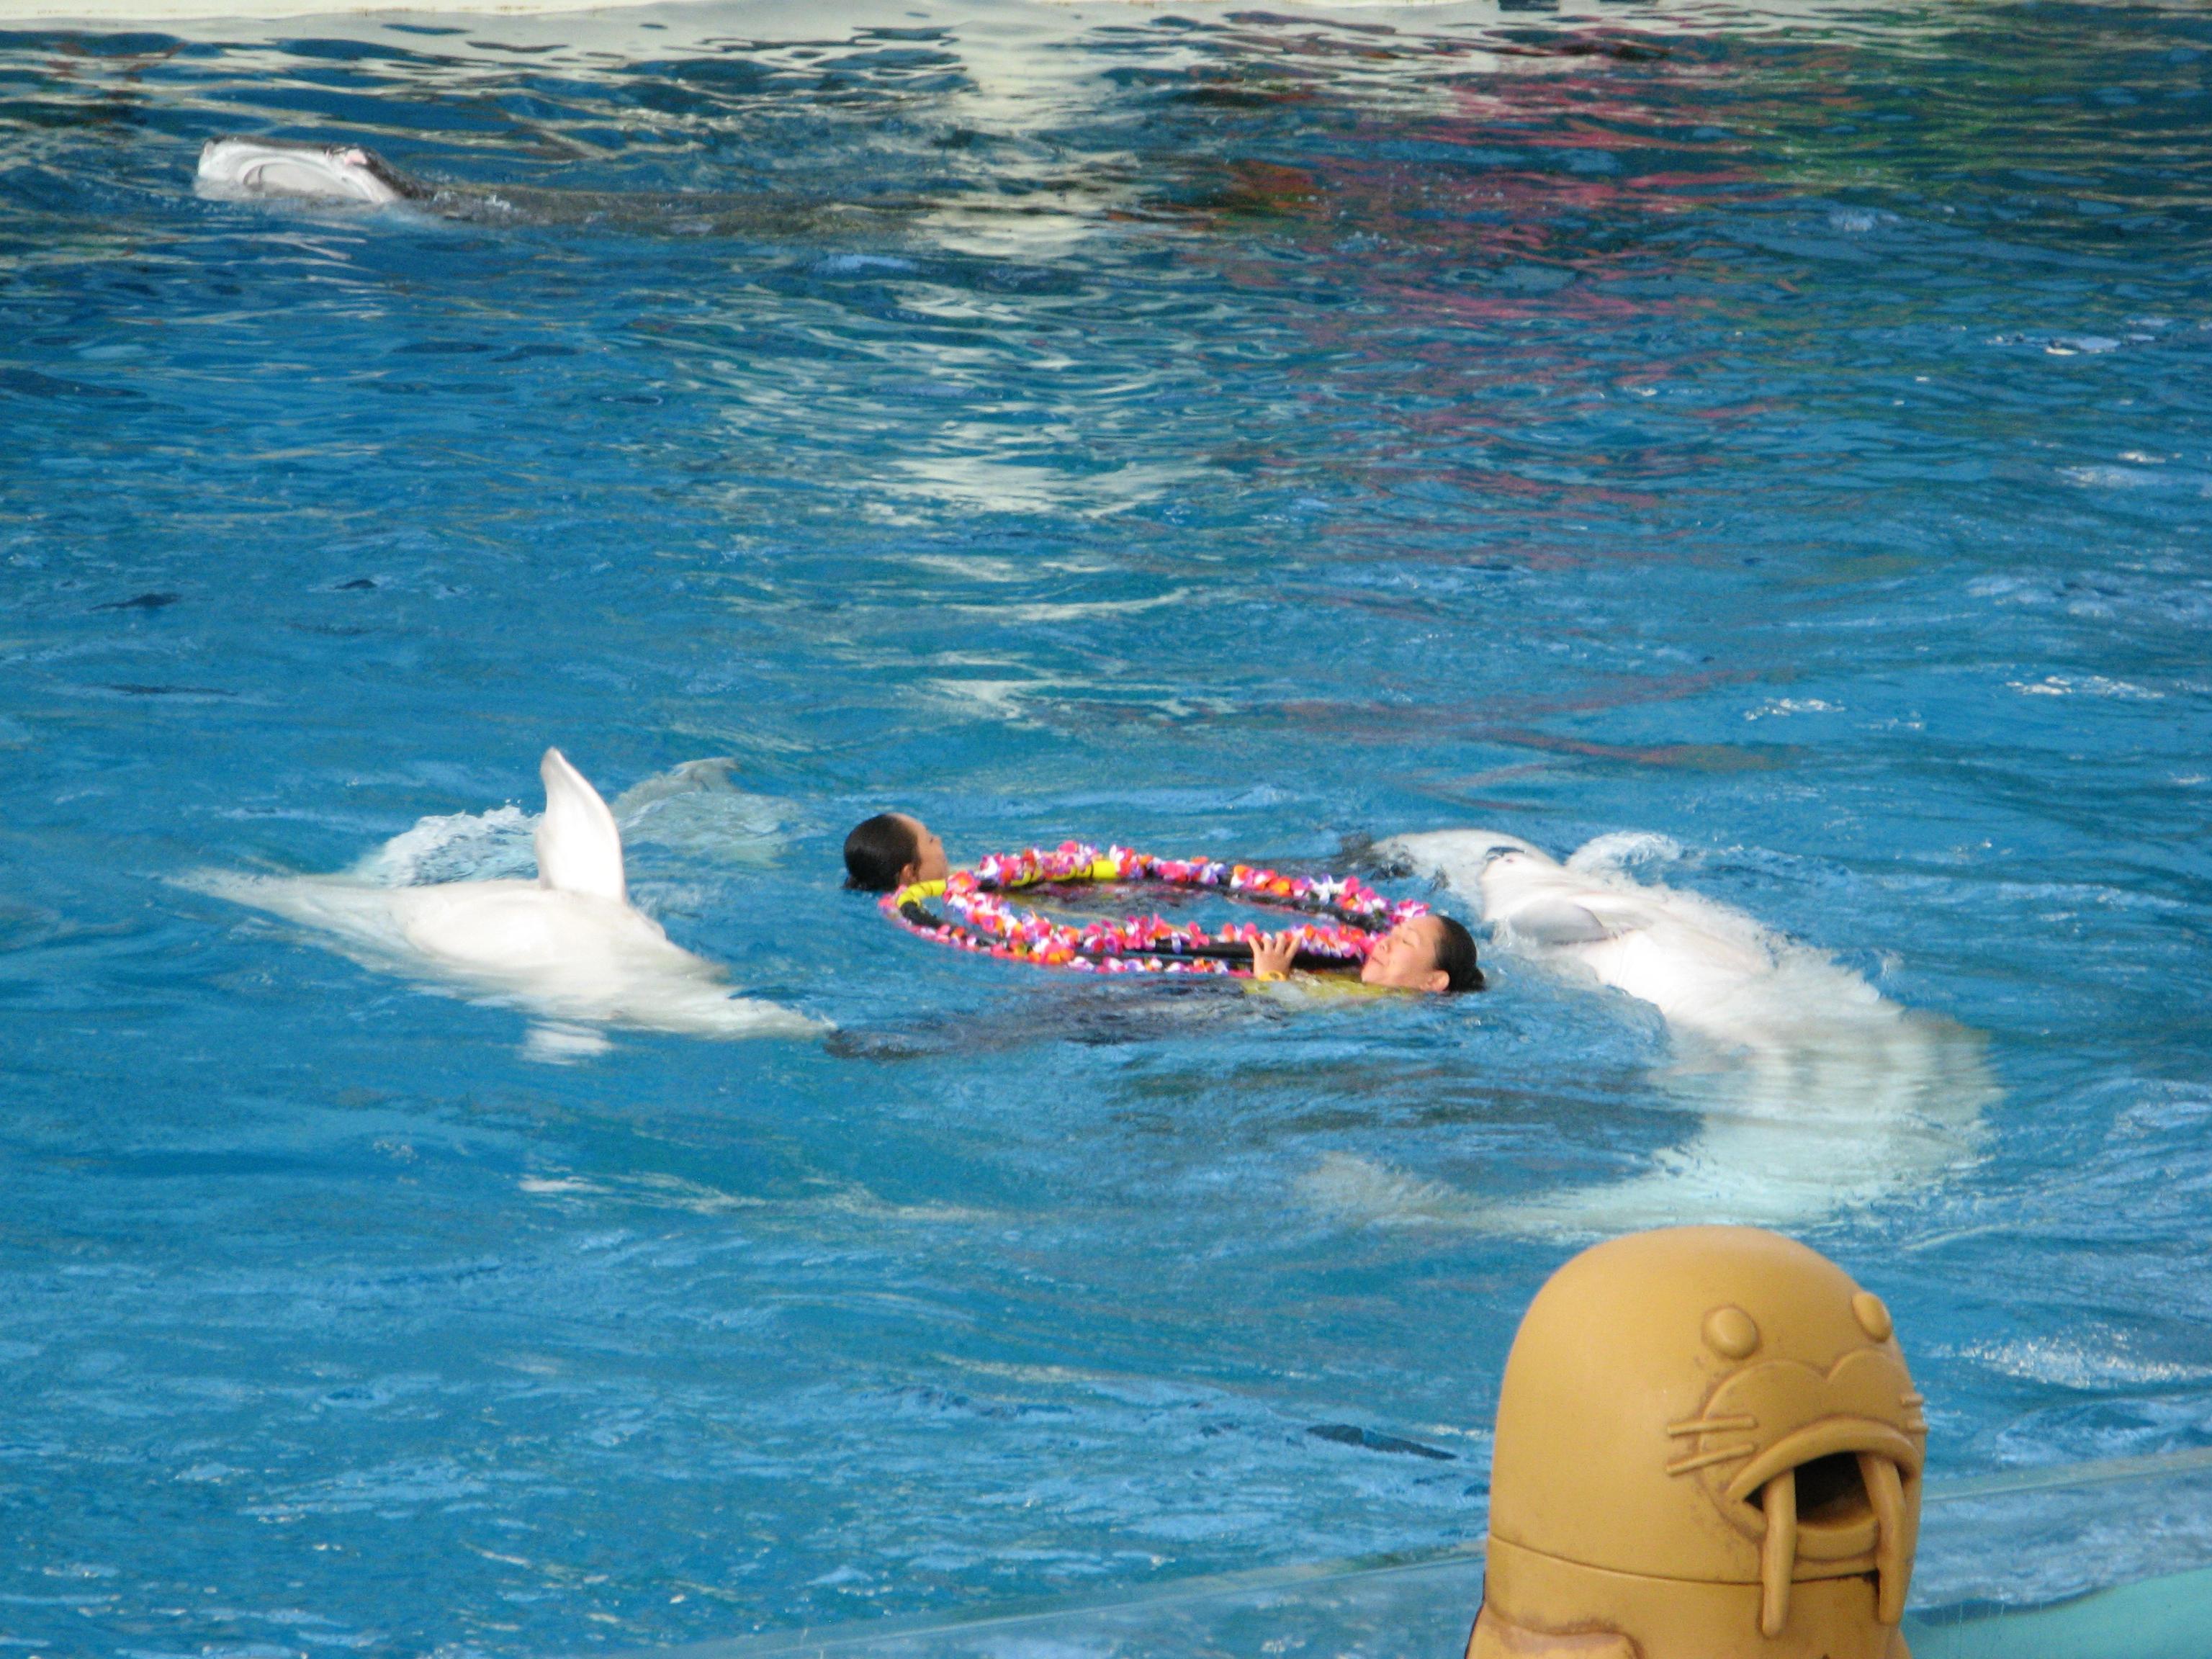 Япония. Райский остров Наккейдзима и Аква-музей океанариума / Hakkeijima Island Yokohama